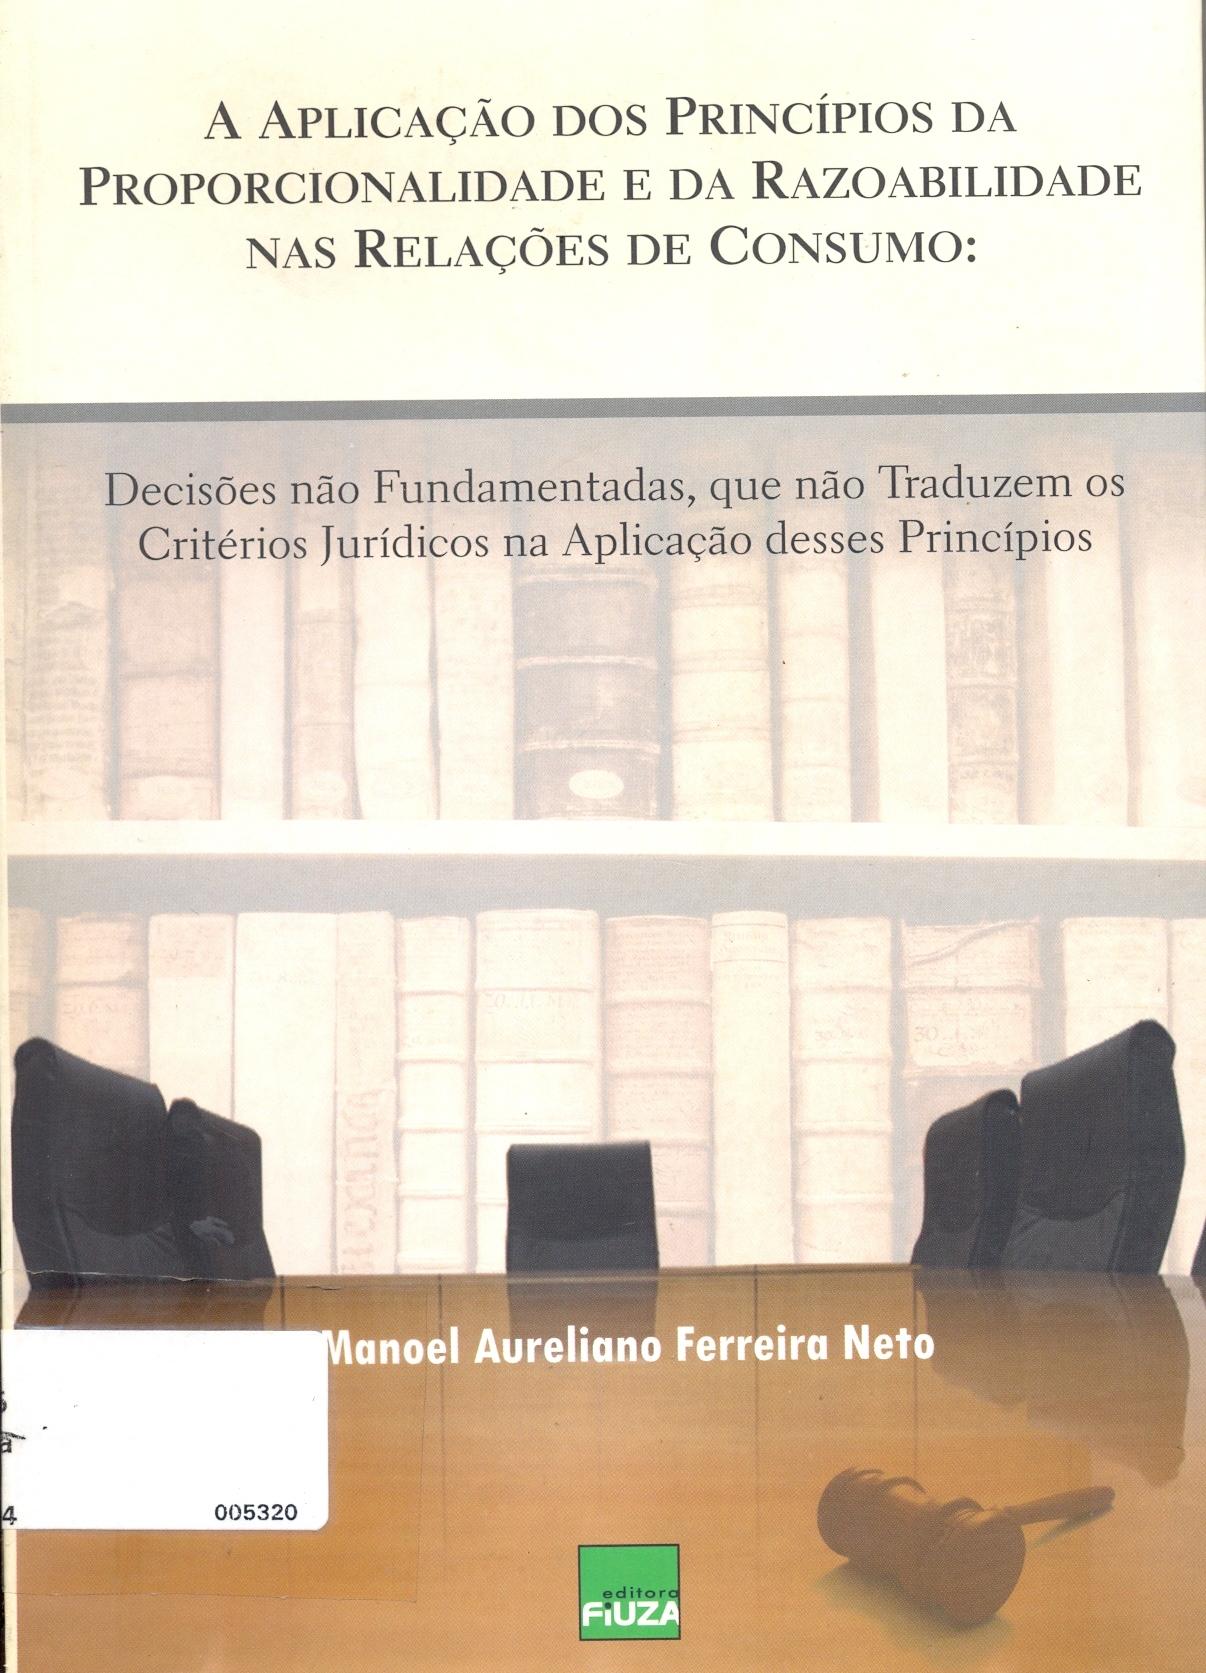 A Aplicação dos Princípios da Proporcionalidade e da Razoabilidade nas Relações de Consumo